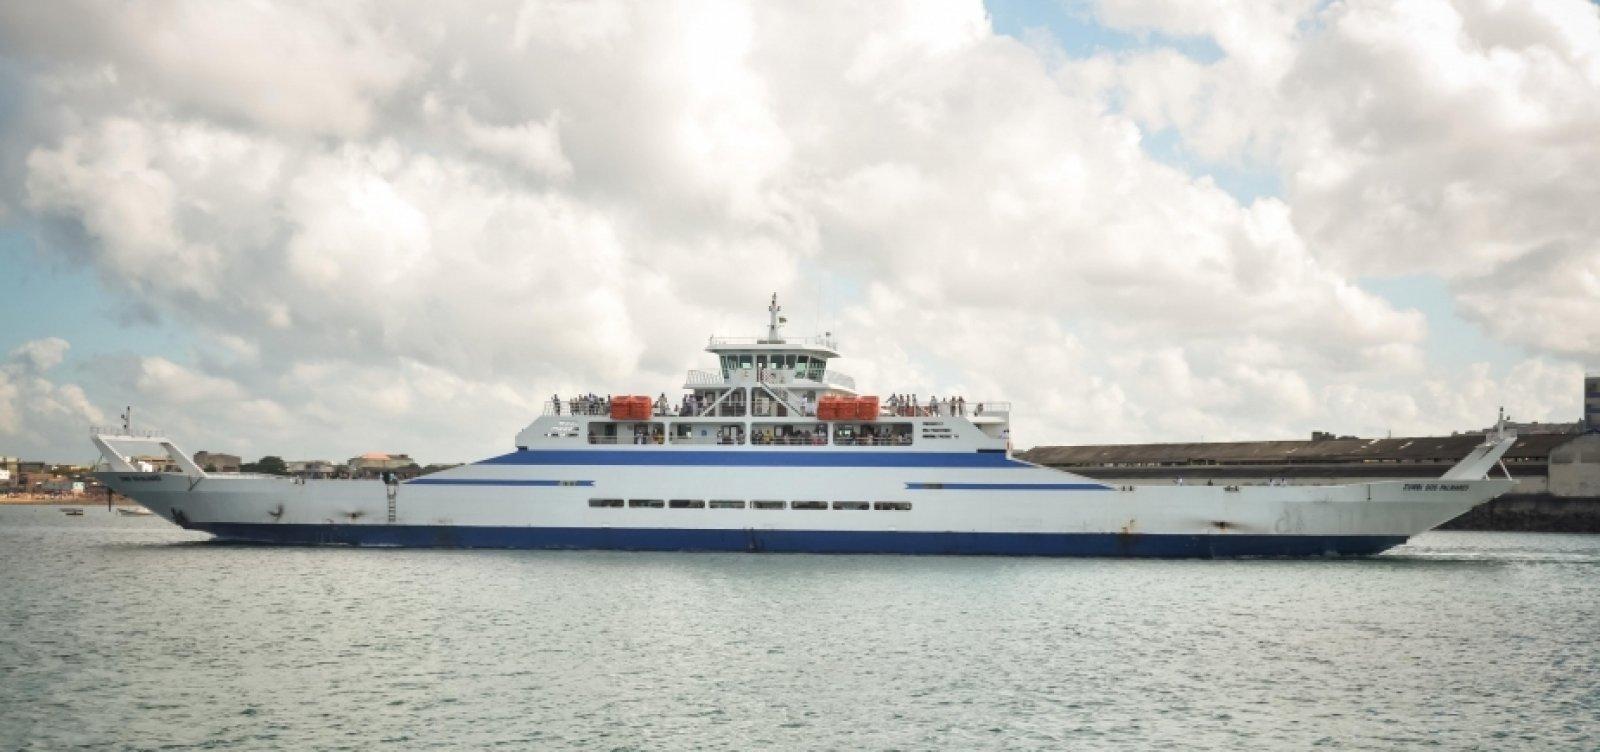 [Ferry-boat funciona com horários extras e de madrugada durante feriado]